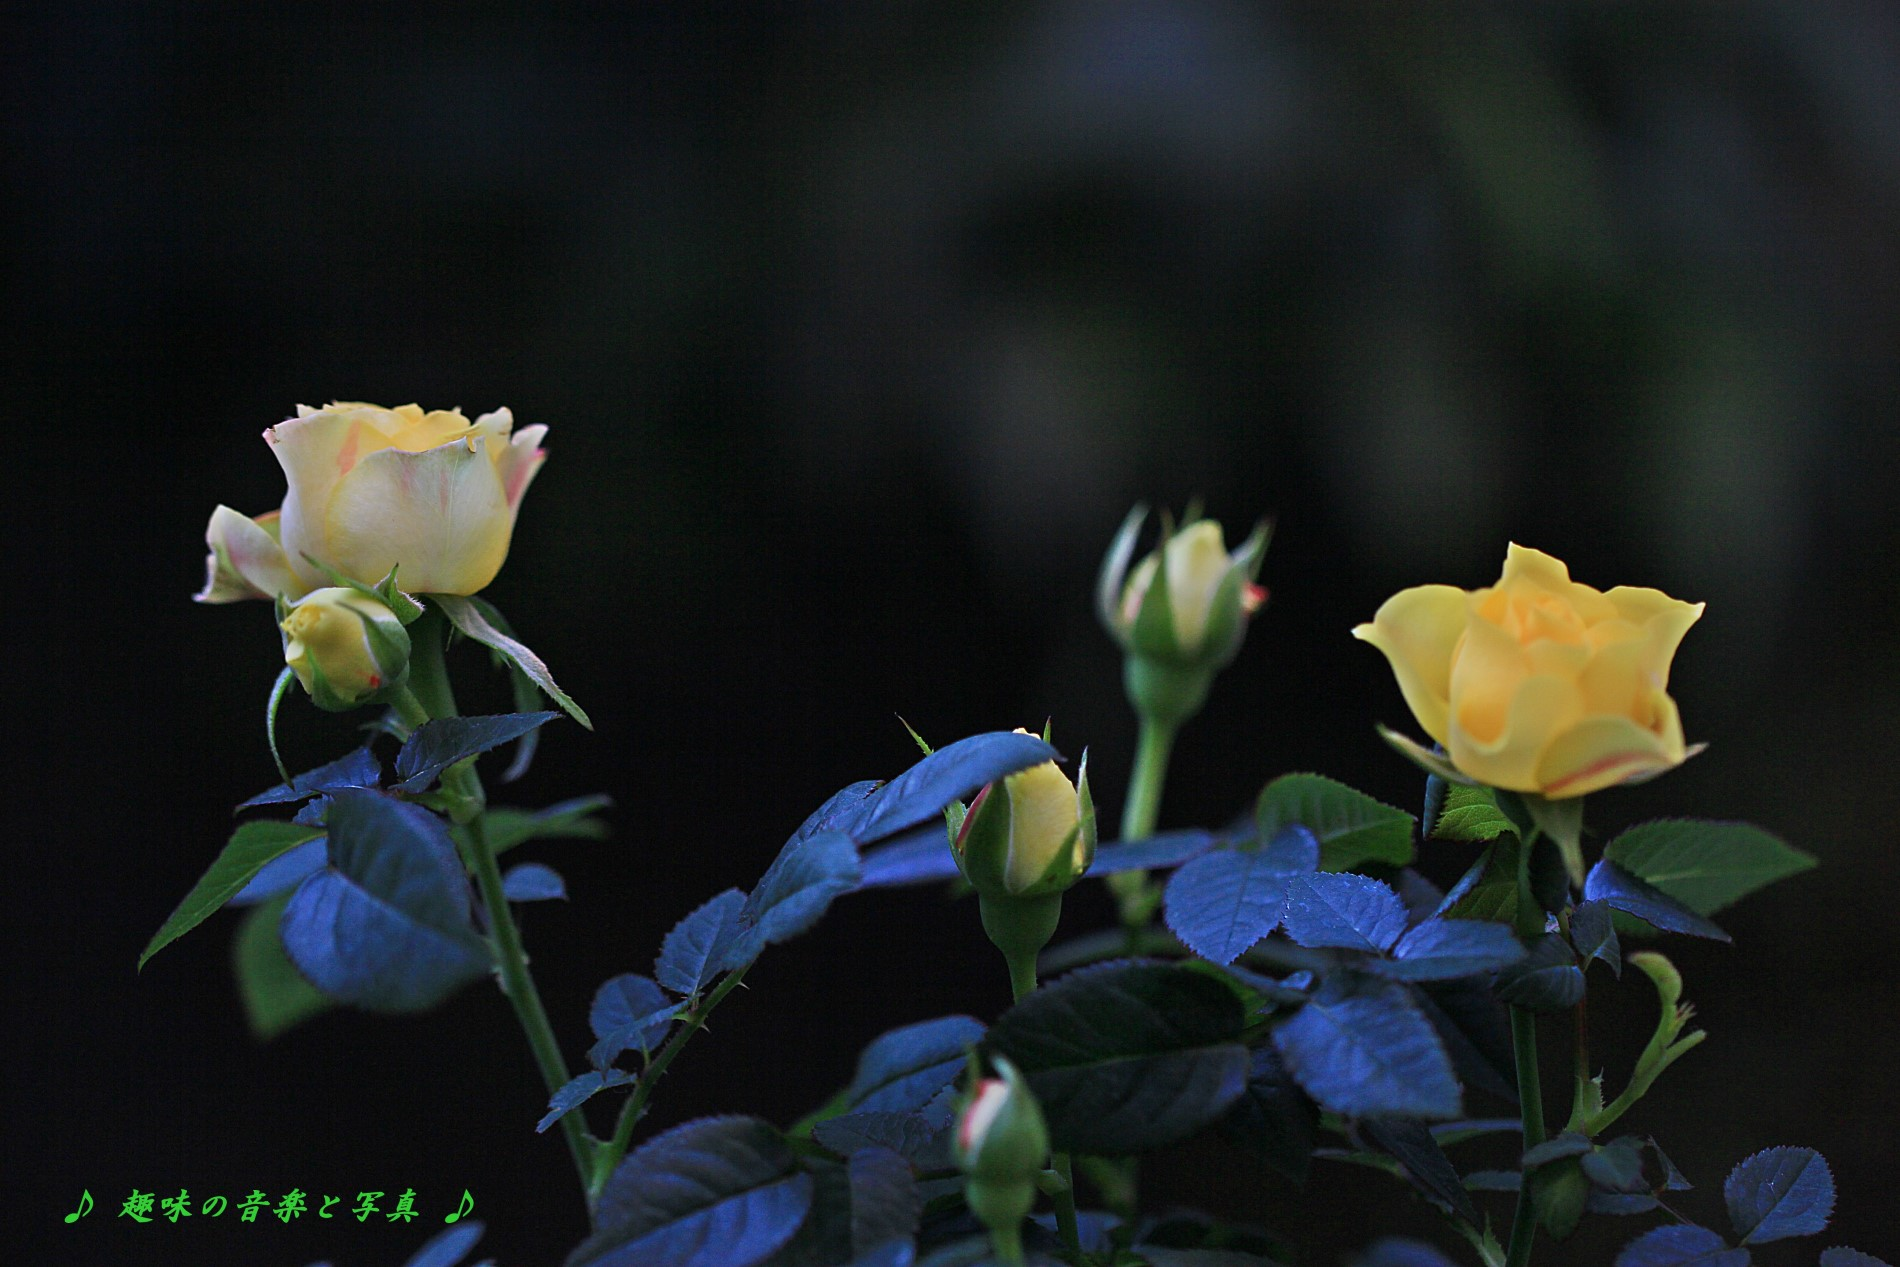 012_2254.jpg